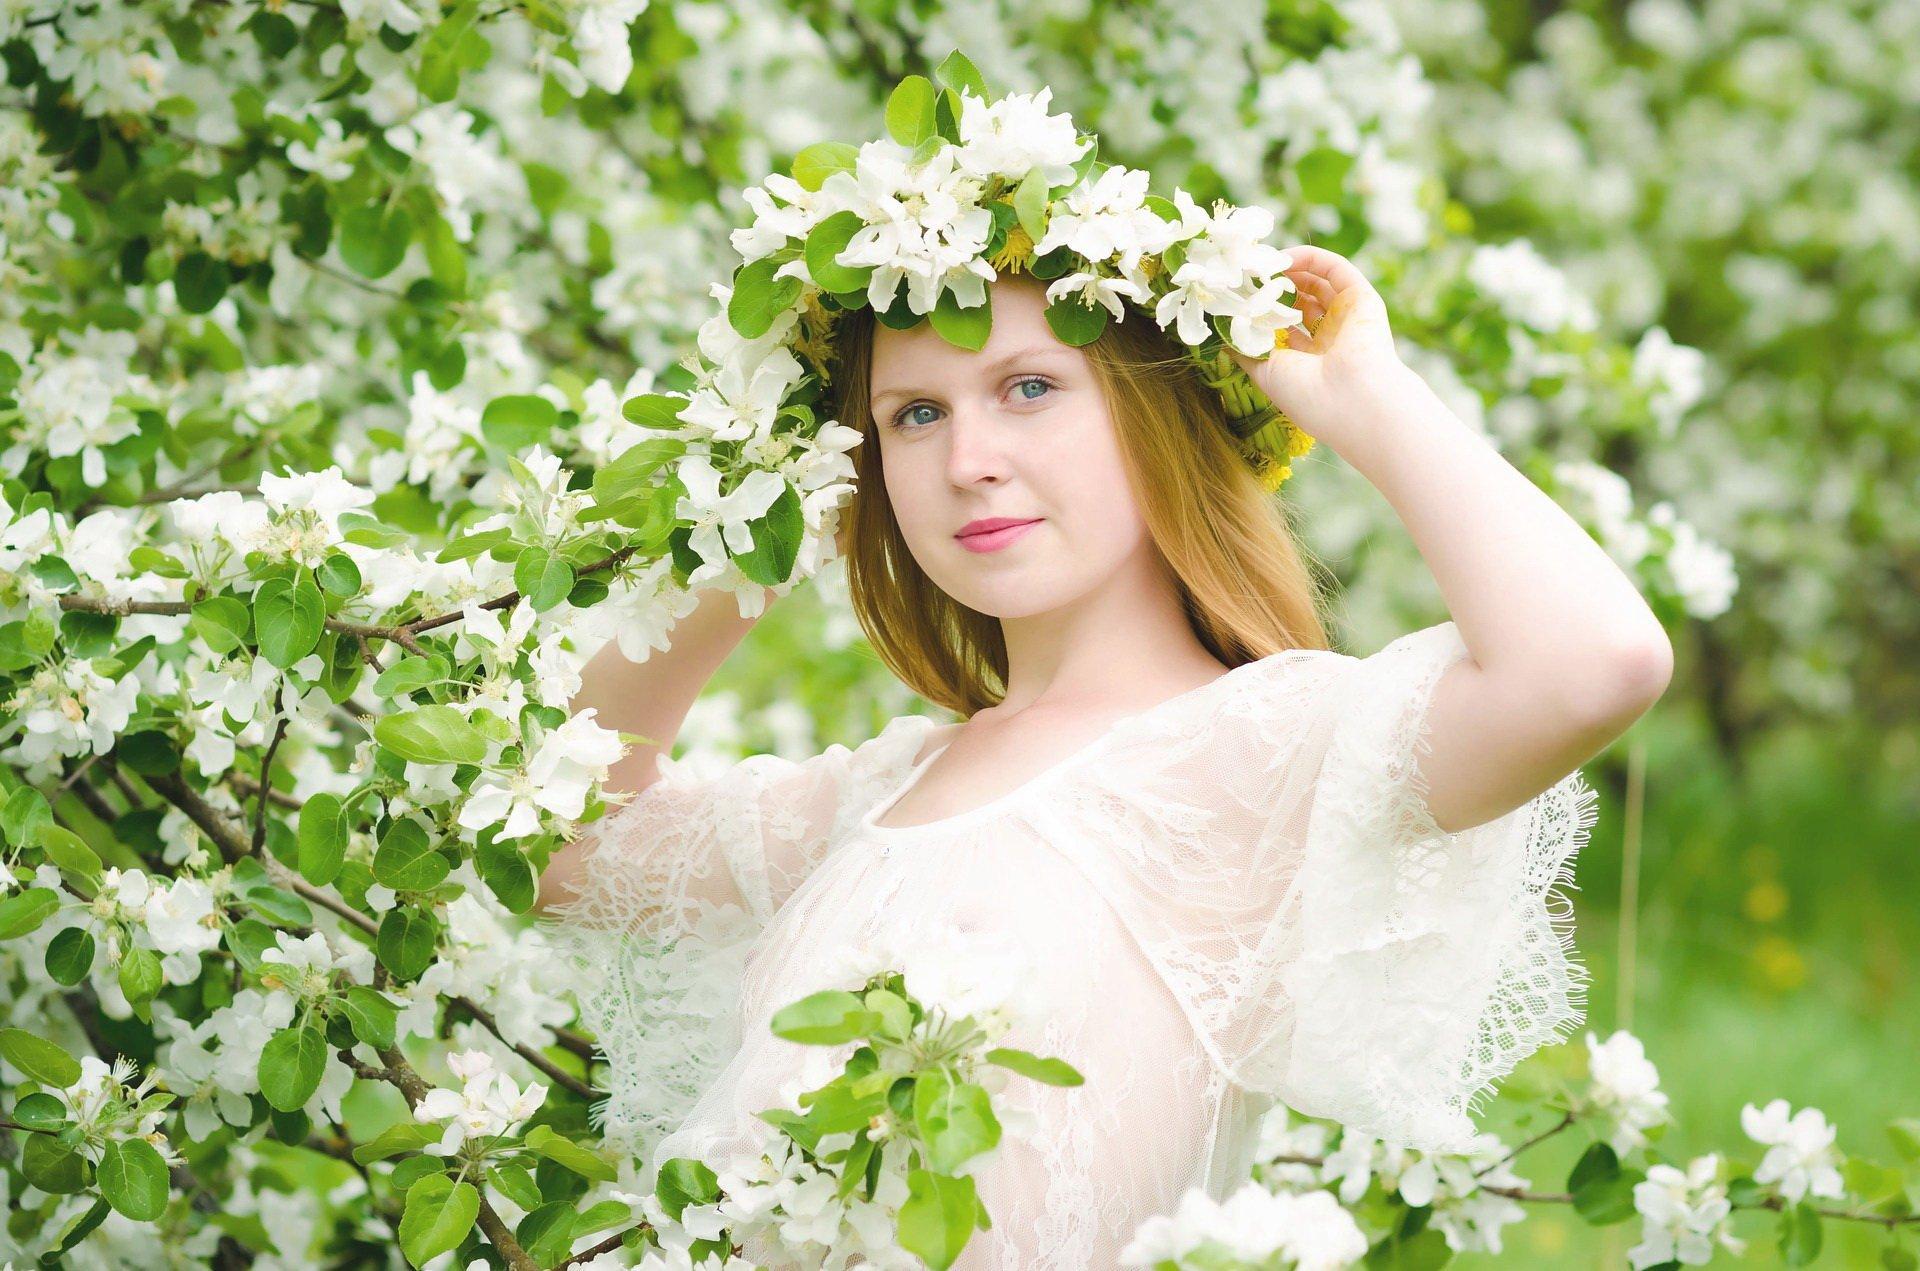 Wiosna wierszyk dla dzieci Grażyna Koba